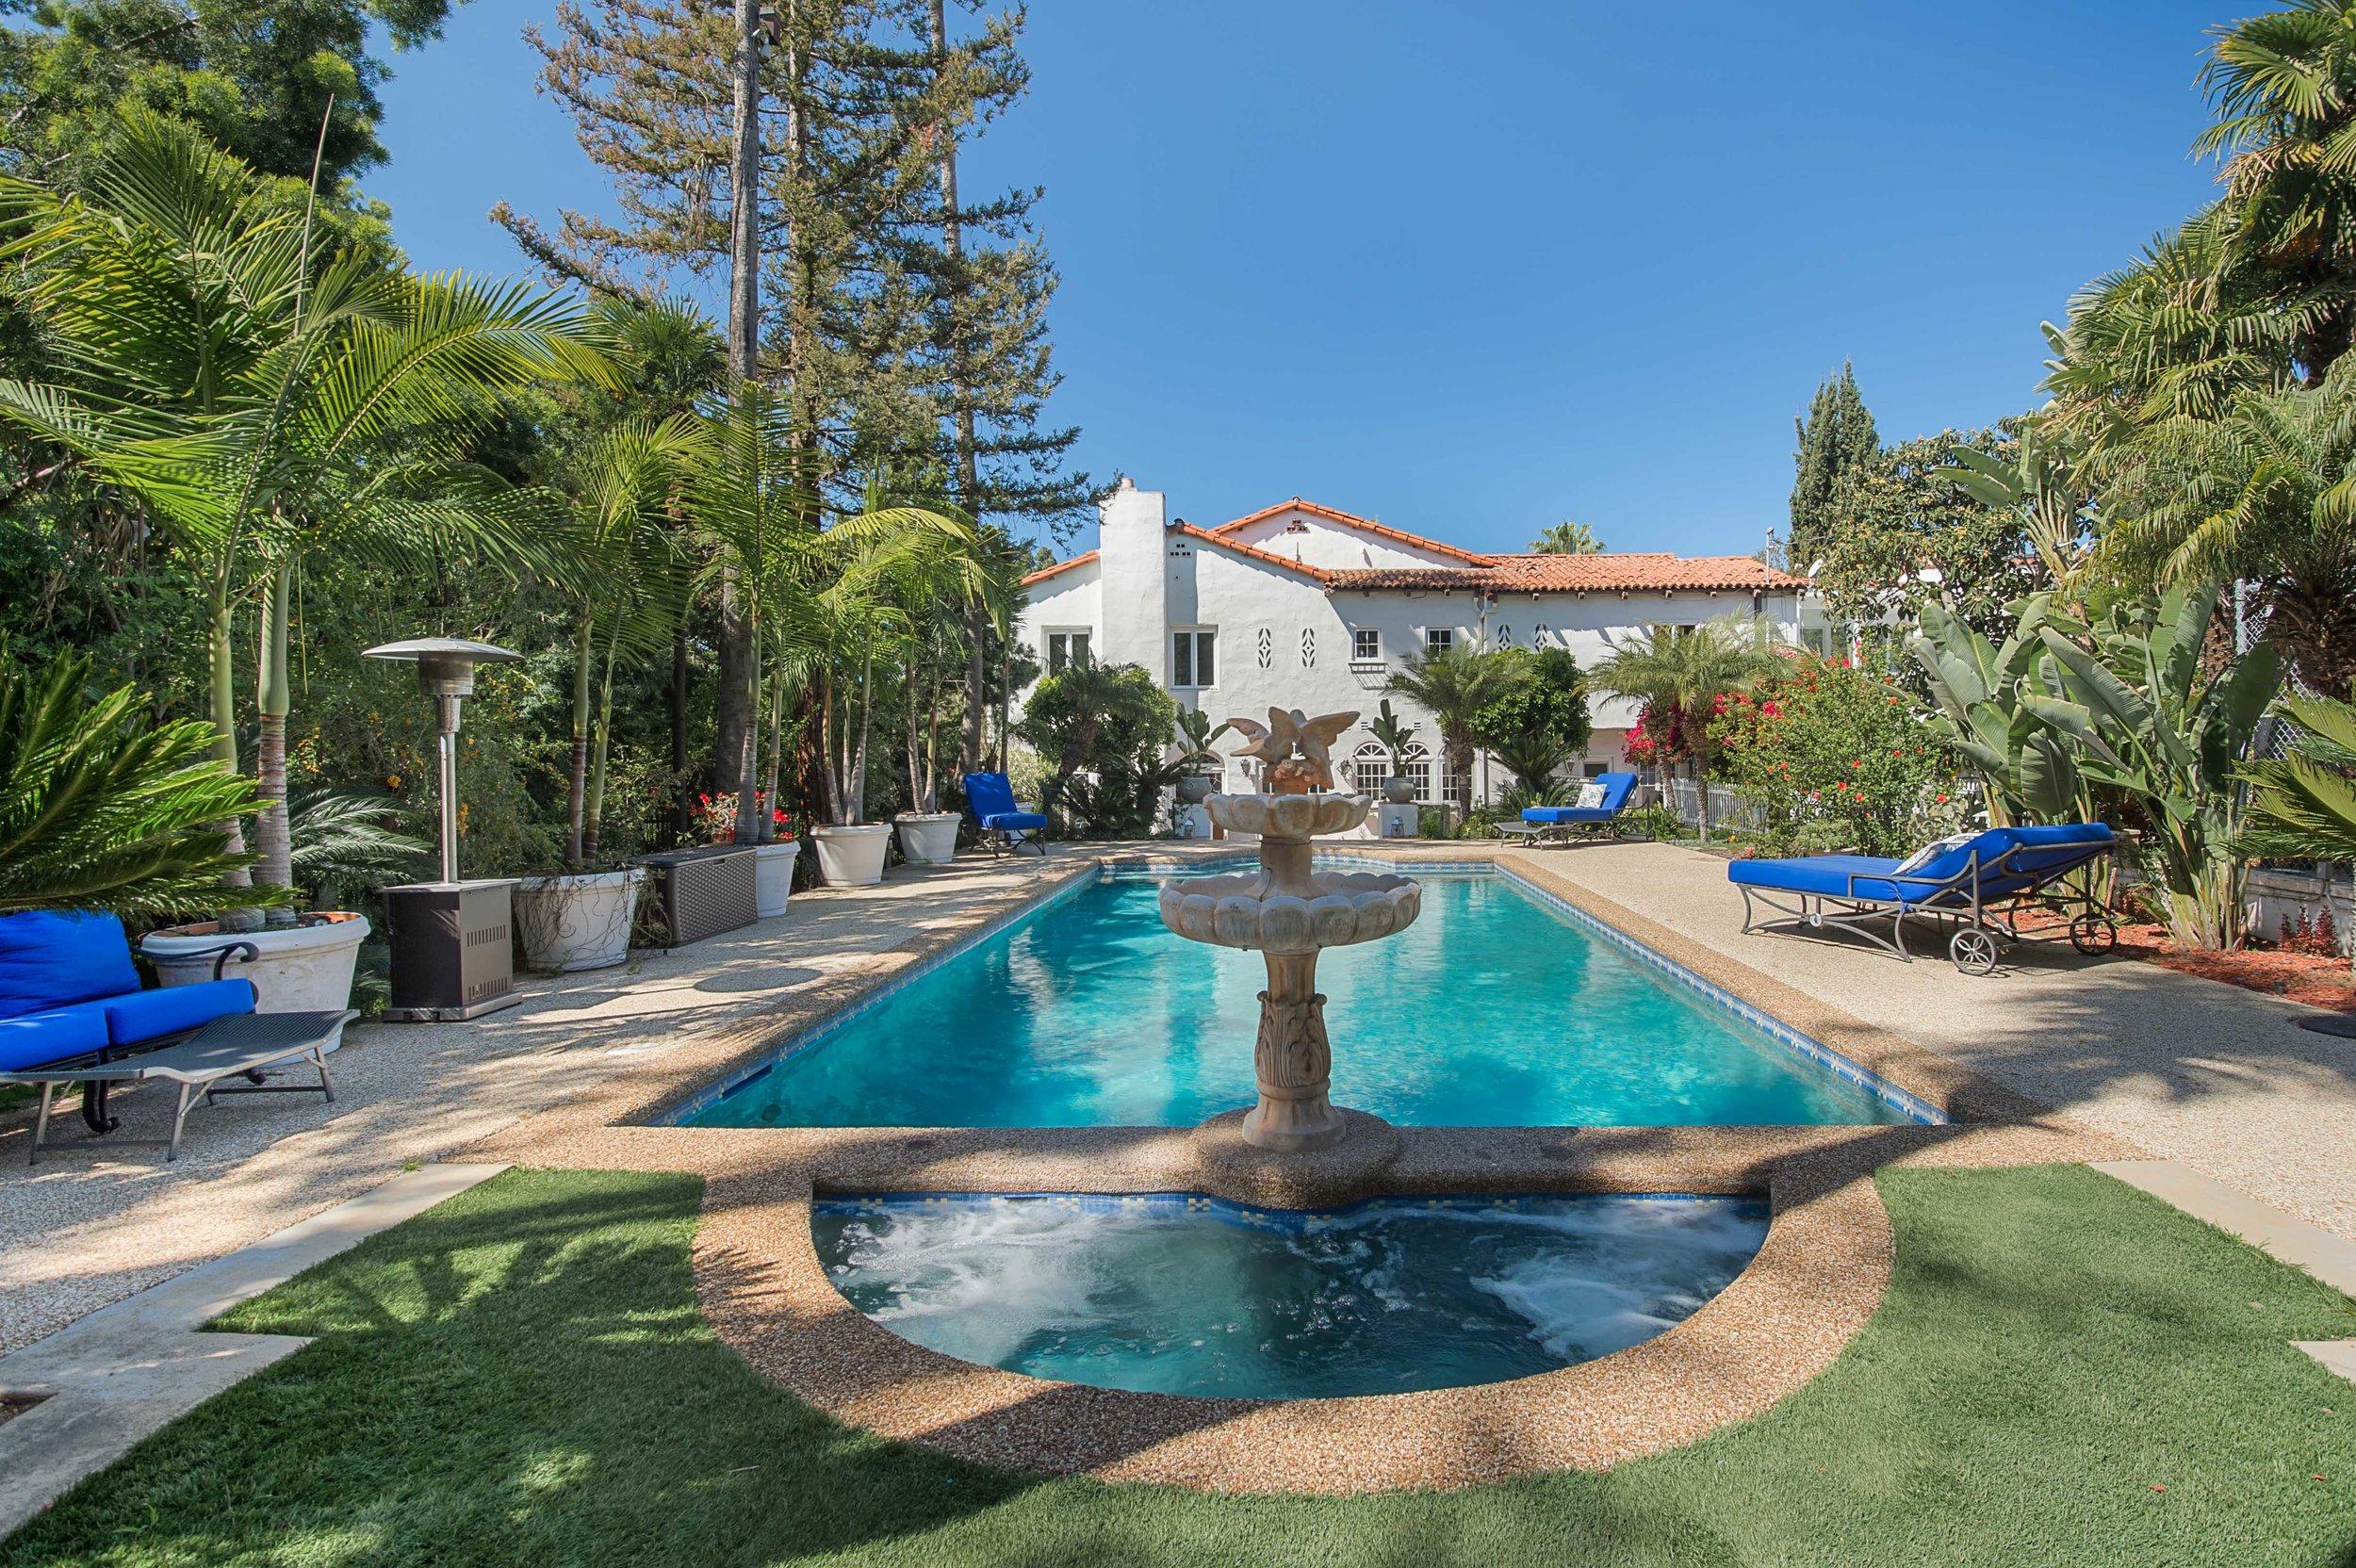 029 Pool 006 Pool 4915 Los Feliz For Sale Los Angeles Lease The Malibu Life Team Luxury Real Estate.jpg